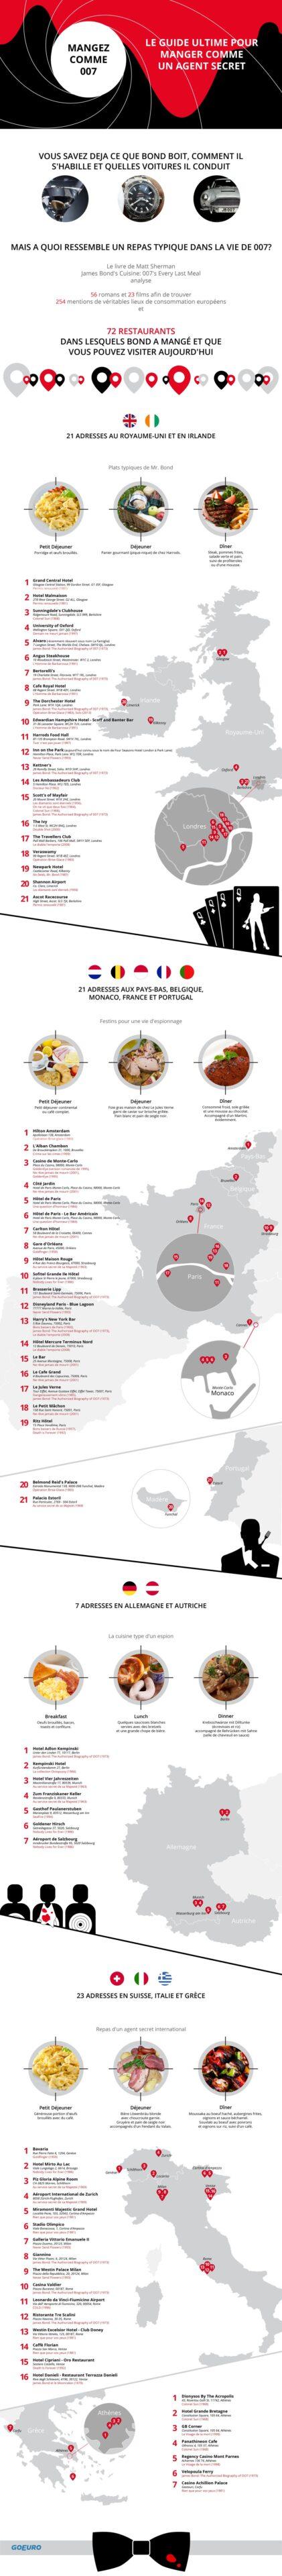 infographie-james-bond-gastronomie